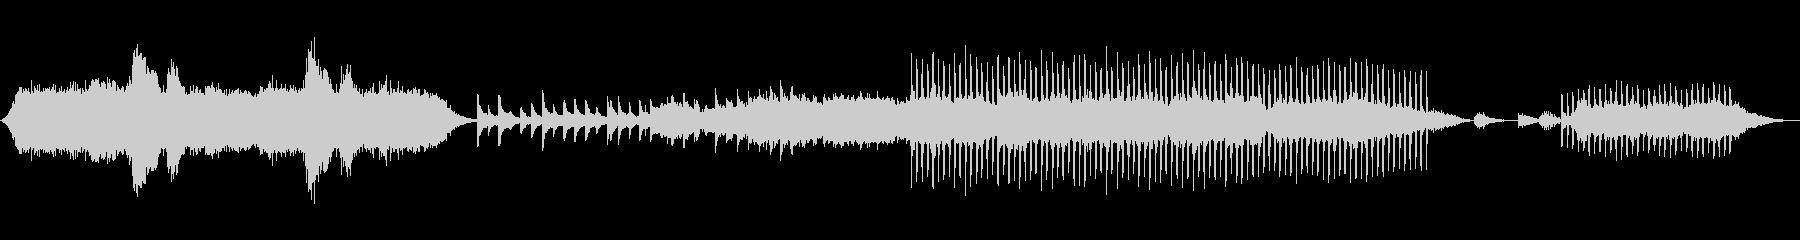 アンビエントで幻想的、不思議なサウンドの未再生の波形